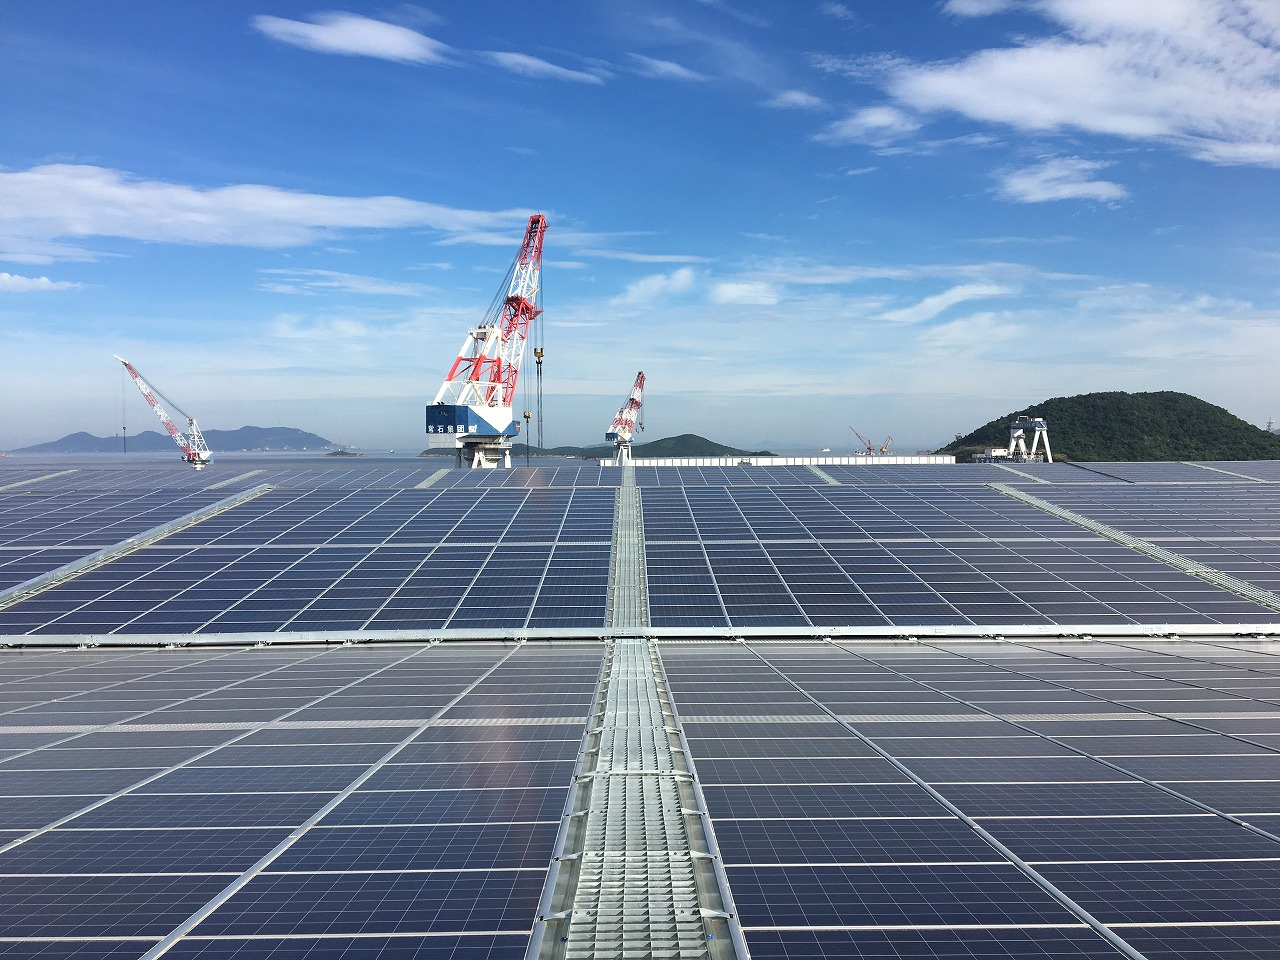 太陽電池パネル(72,000枚)